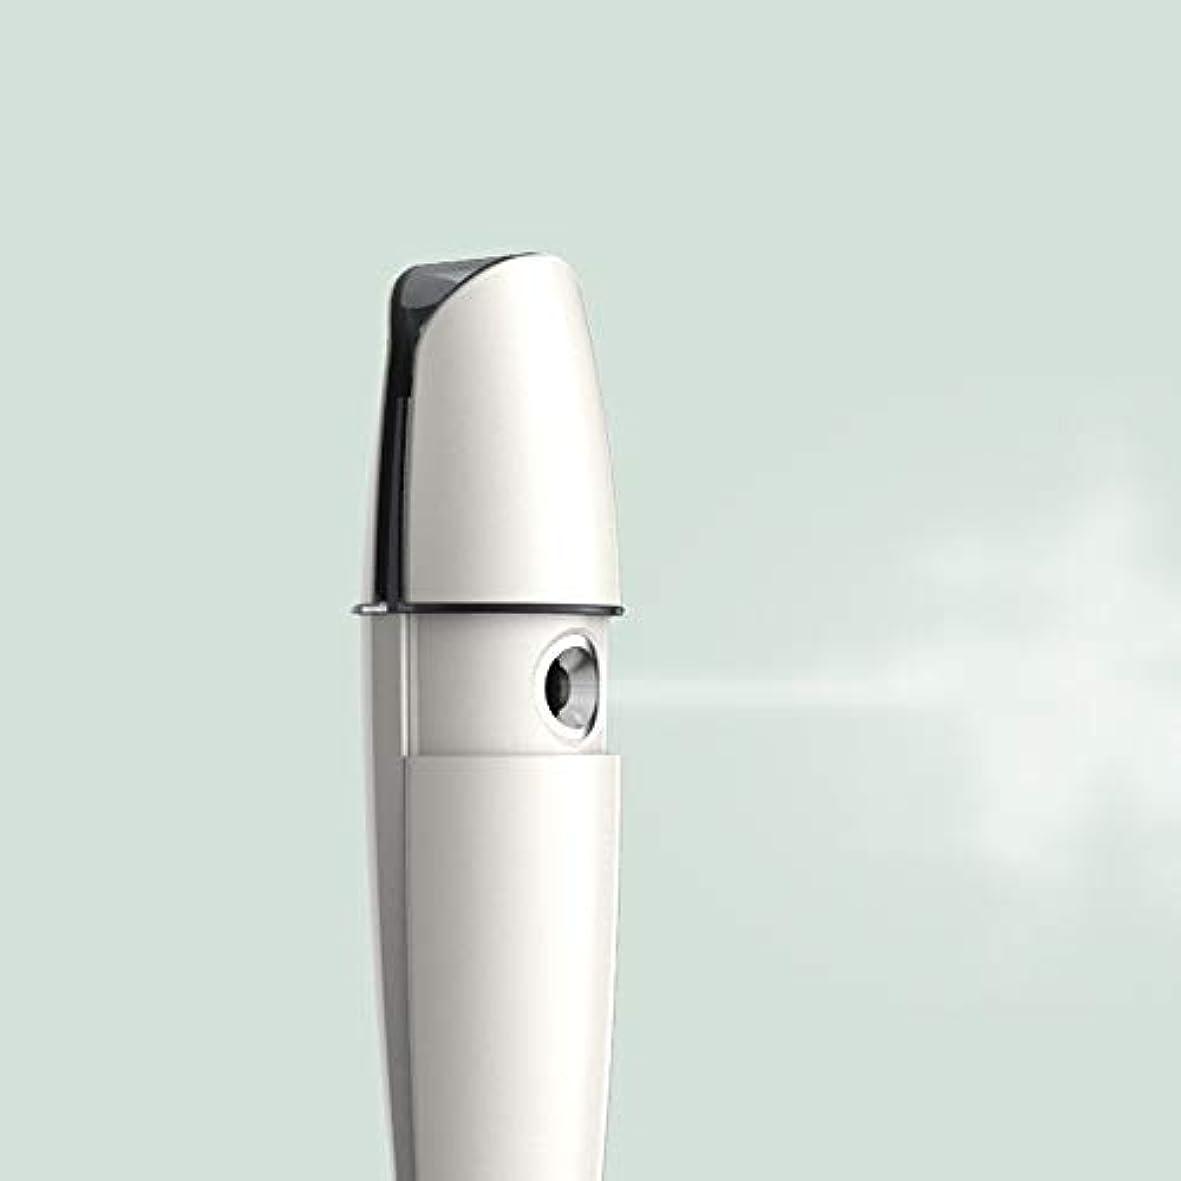 領事館慣れているマトリックスZXF 充電式コールドスプレー機家庭用スチームフェイス美容機器ナノスプレーフェイス加湿水道メーターホワイトABS素材 滑らかである